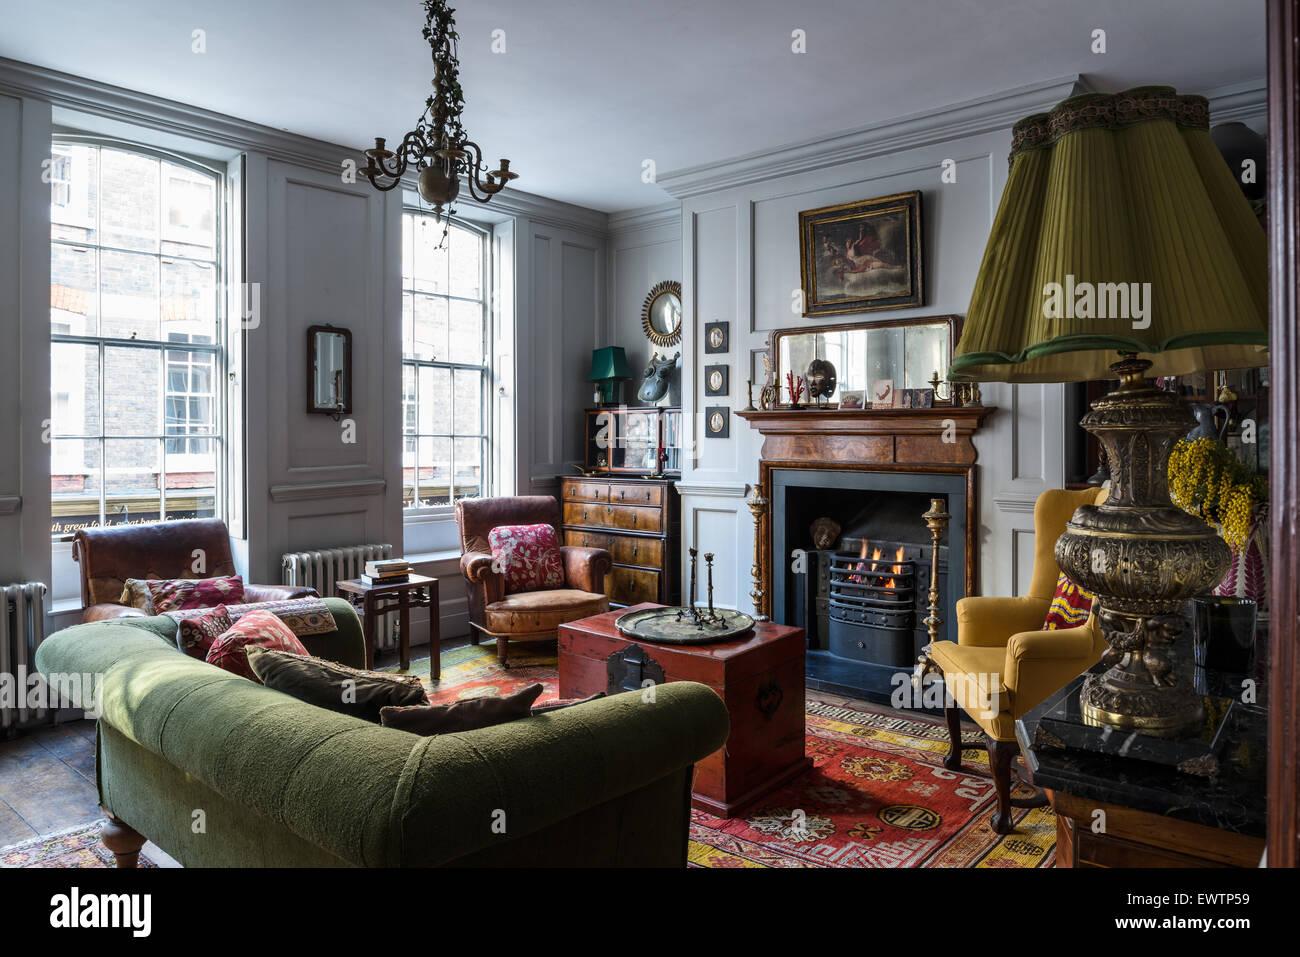 Hervorragend Rote Chinesische Truhe Im Wohnzimmer Mit Khotan Teppich Aus Turkestan,  Leder Französisch Sessel Und Grüne Sofa